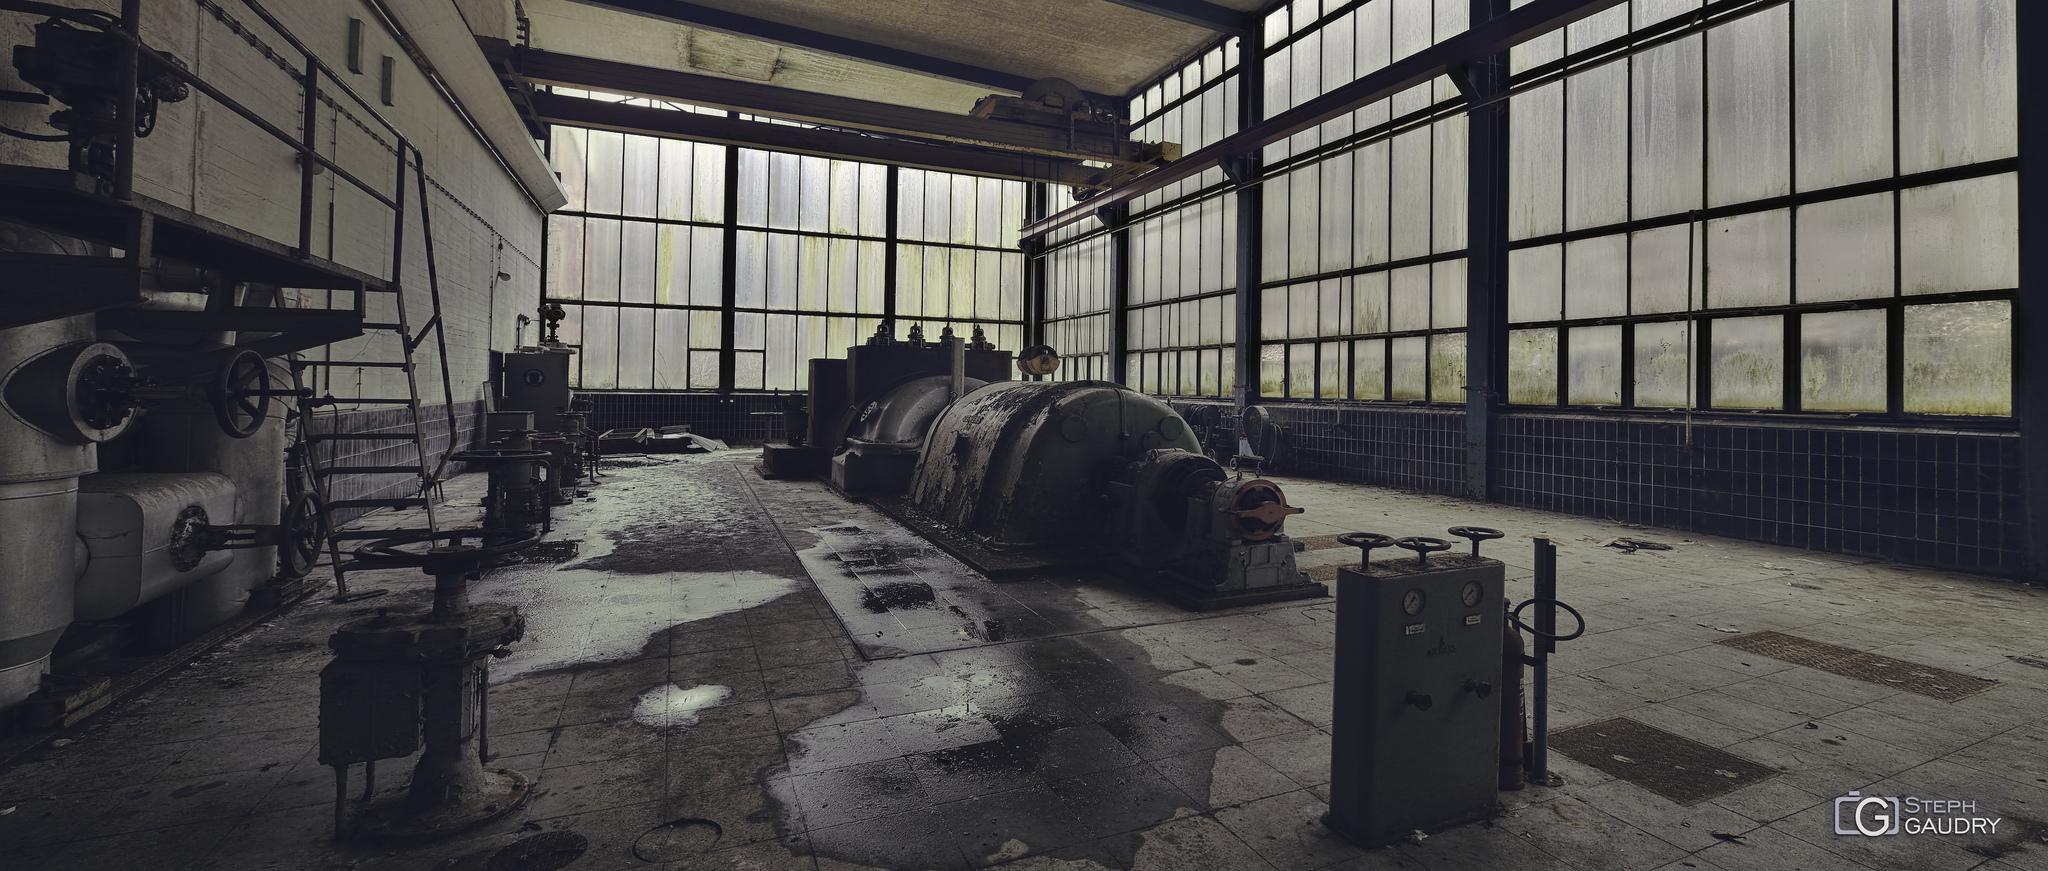 Paper mills powerplant [Click to start slideshow]